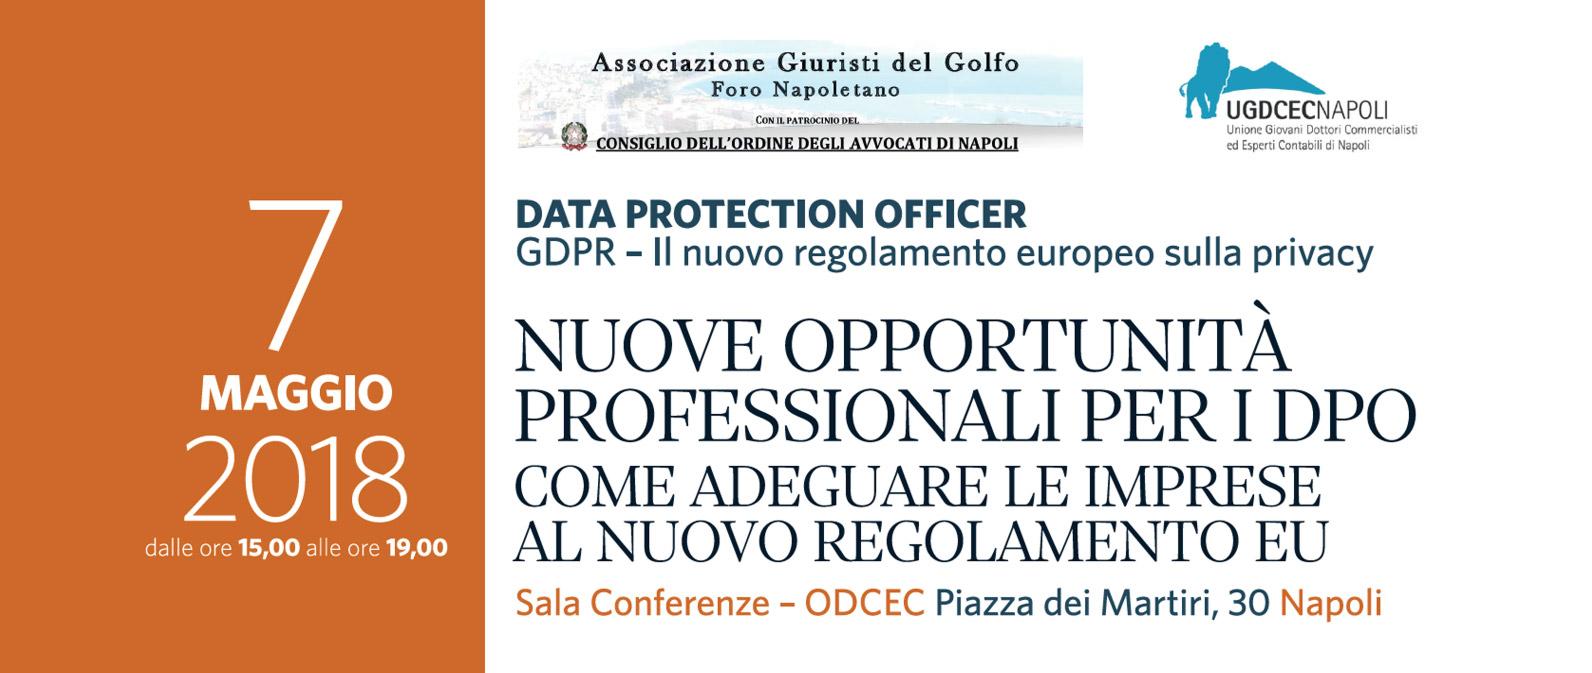 GDPR. Nuove opportunità professionali per i DPO. Napoli 7 maggio 2018